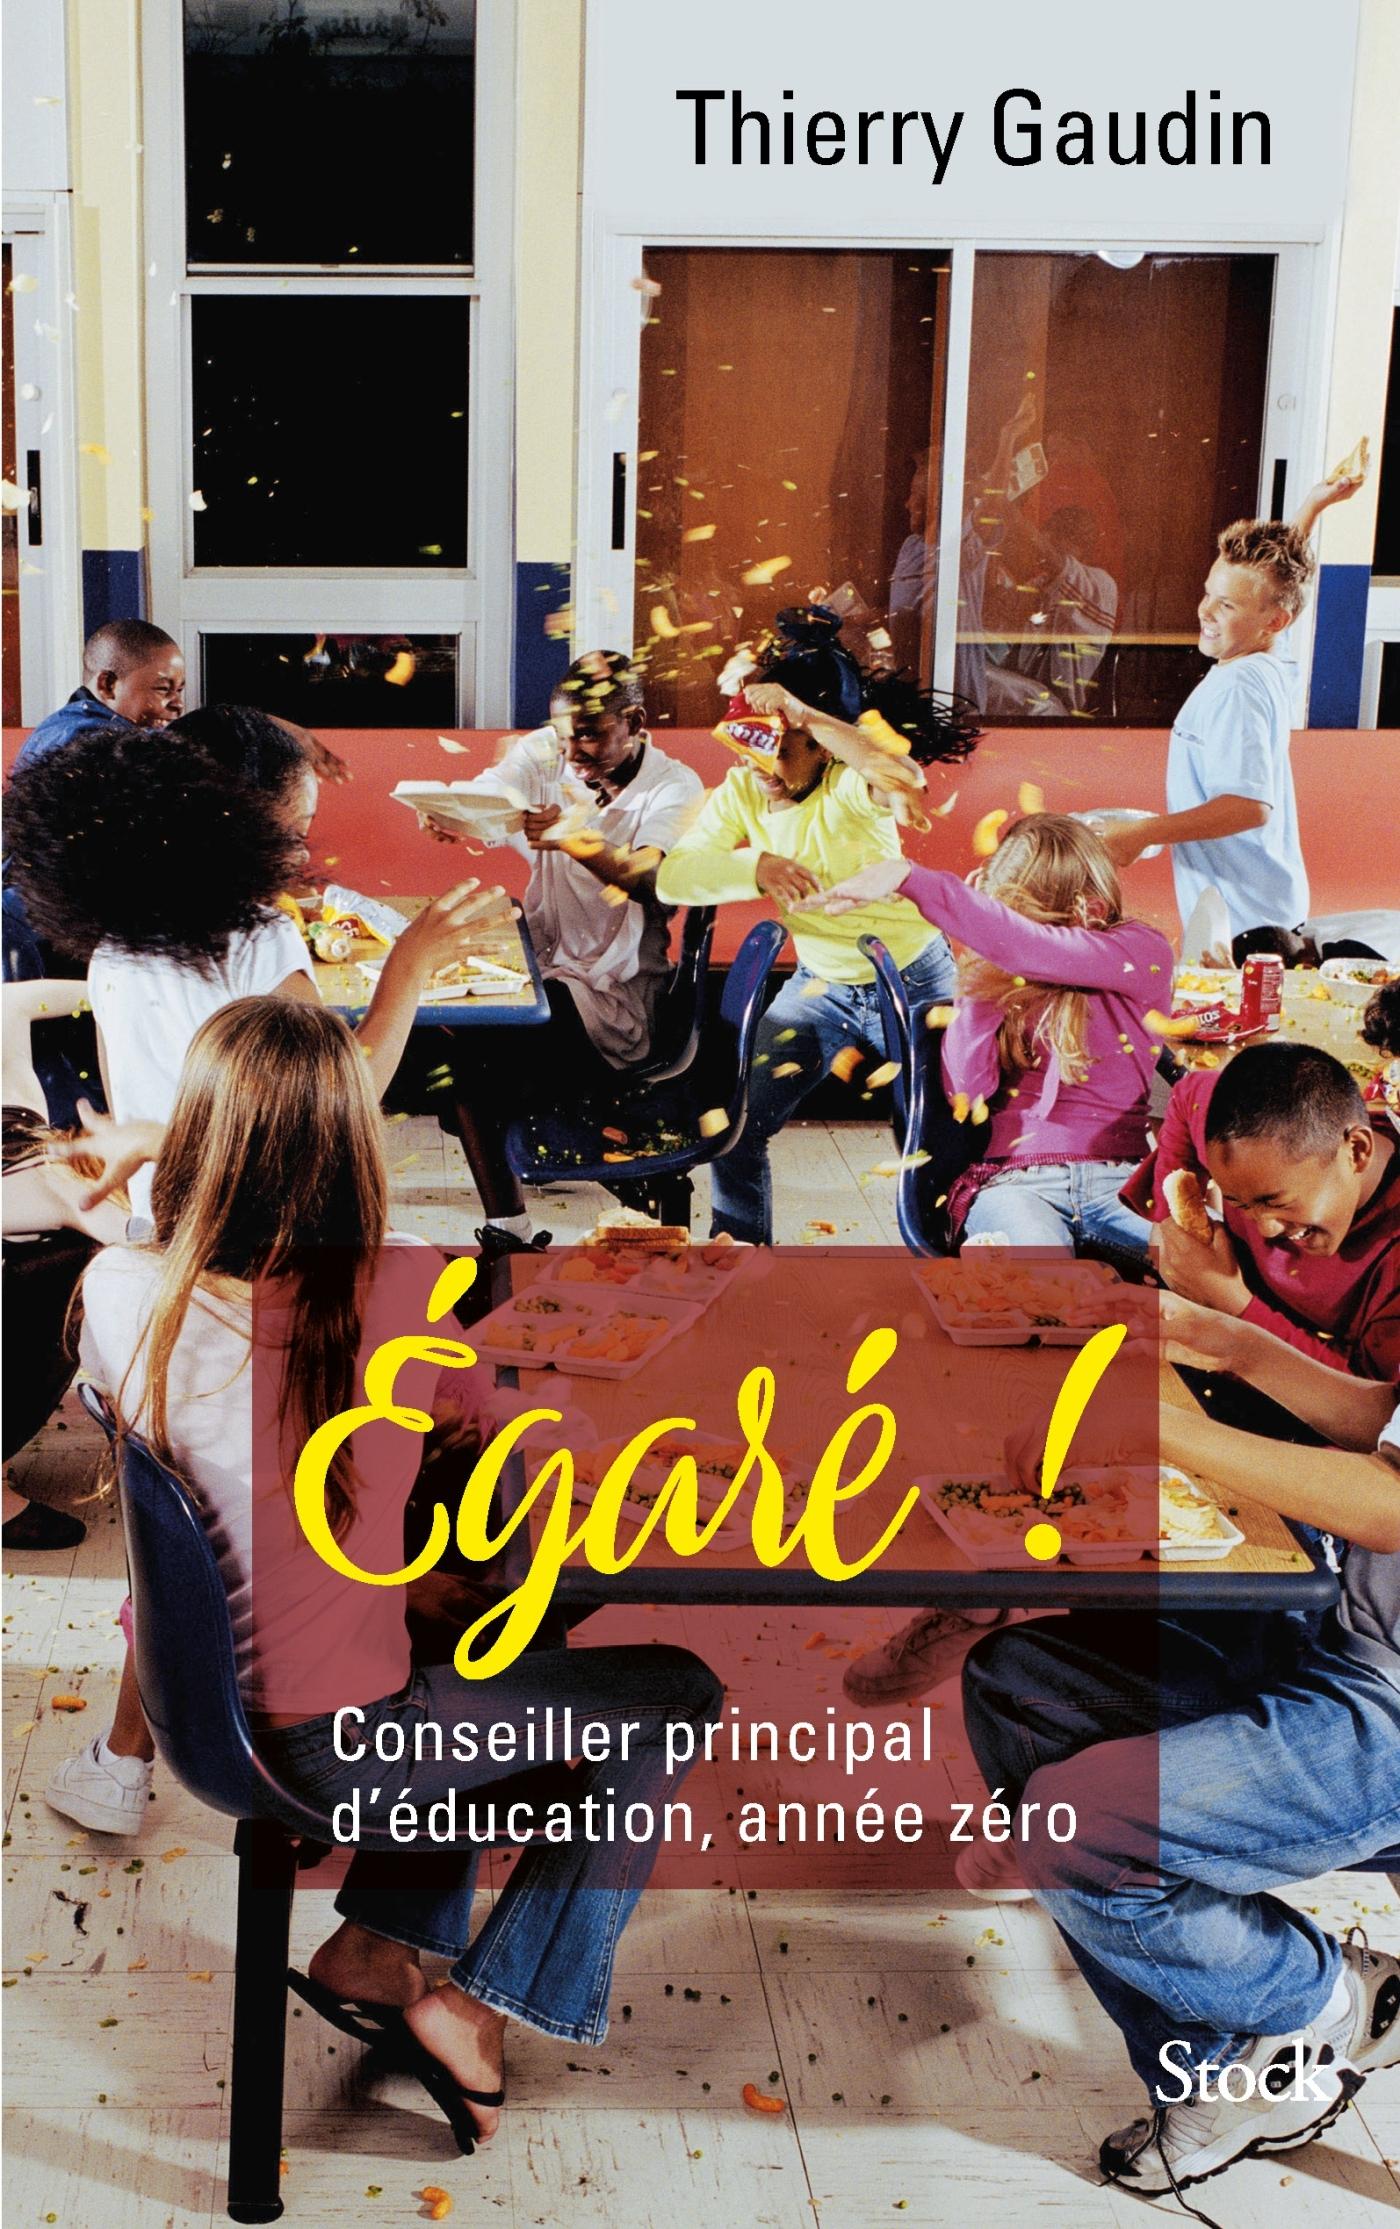 EGARE ! CONSEILLER PRINCIPAL D'EDUCATION, ANNEE ZERO